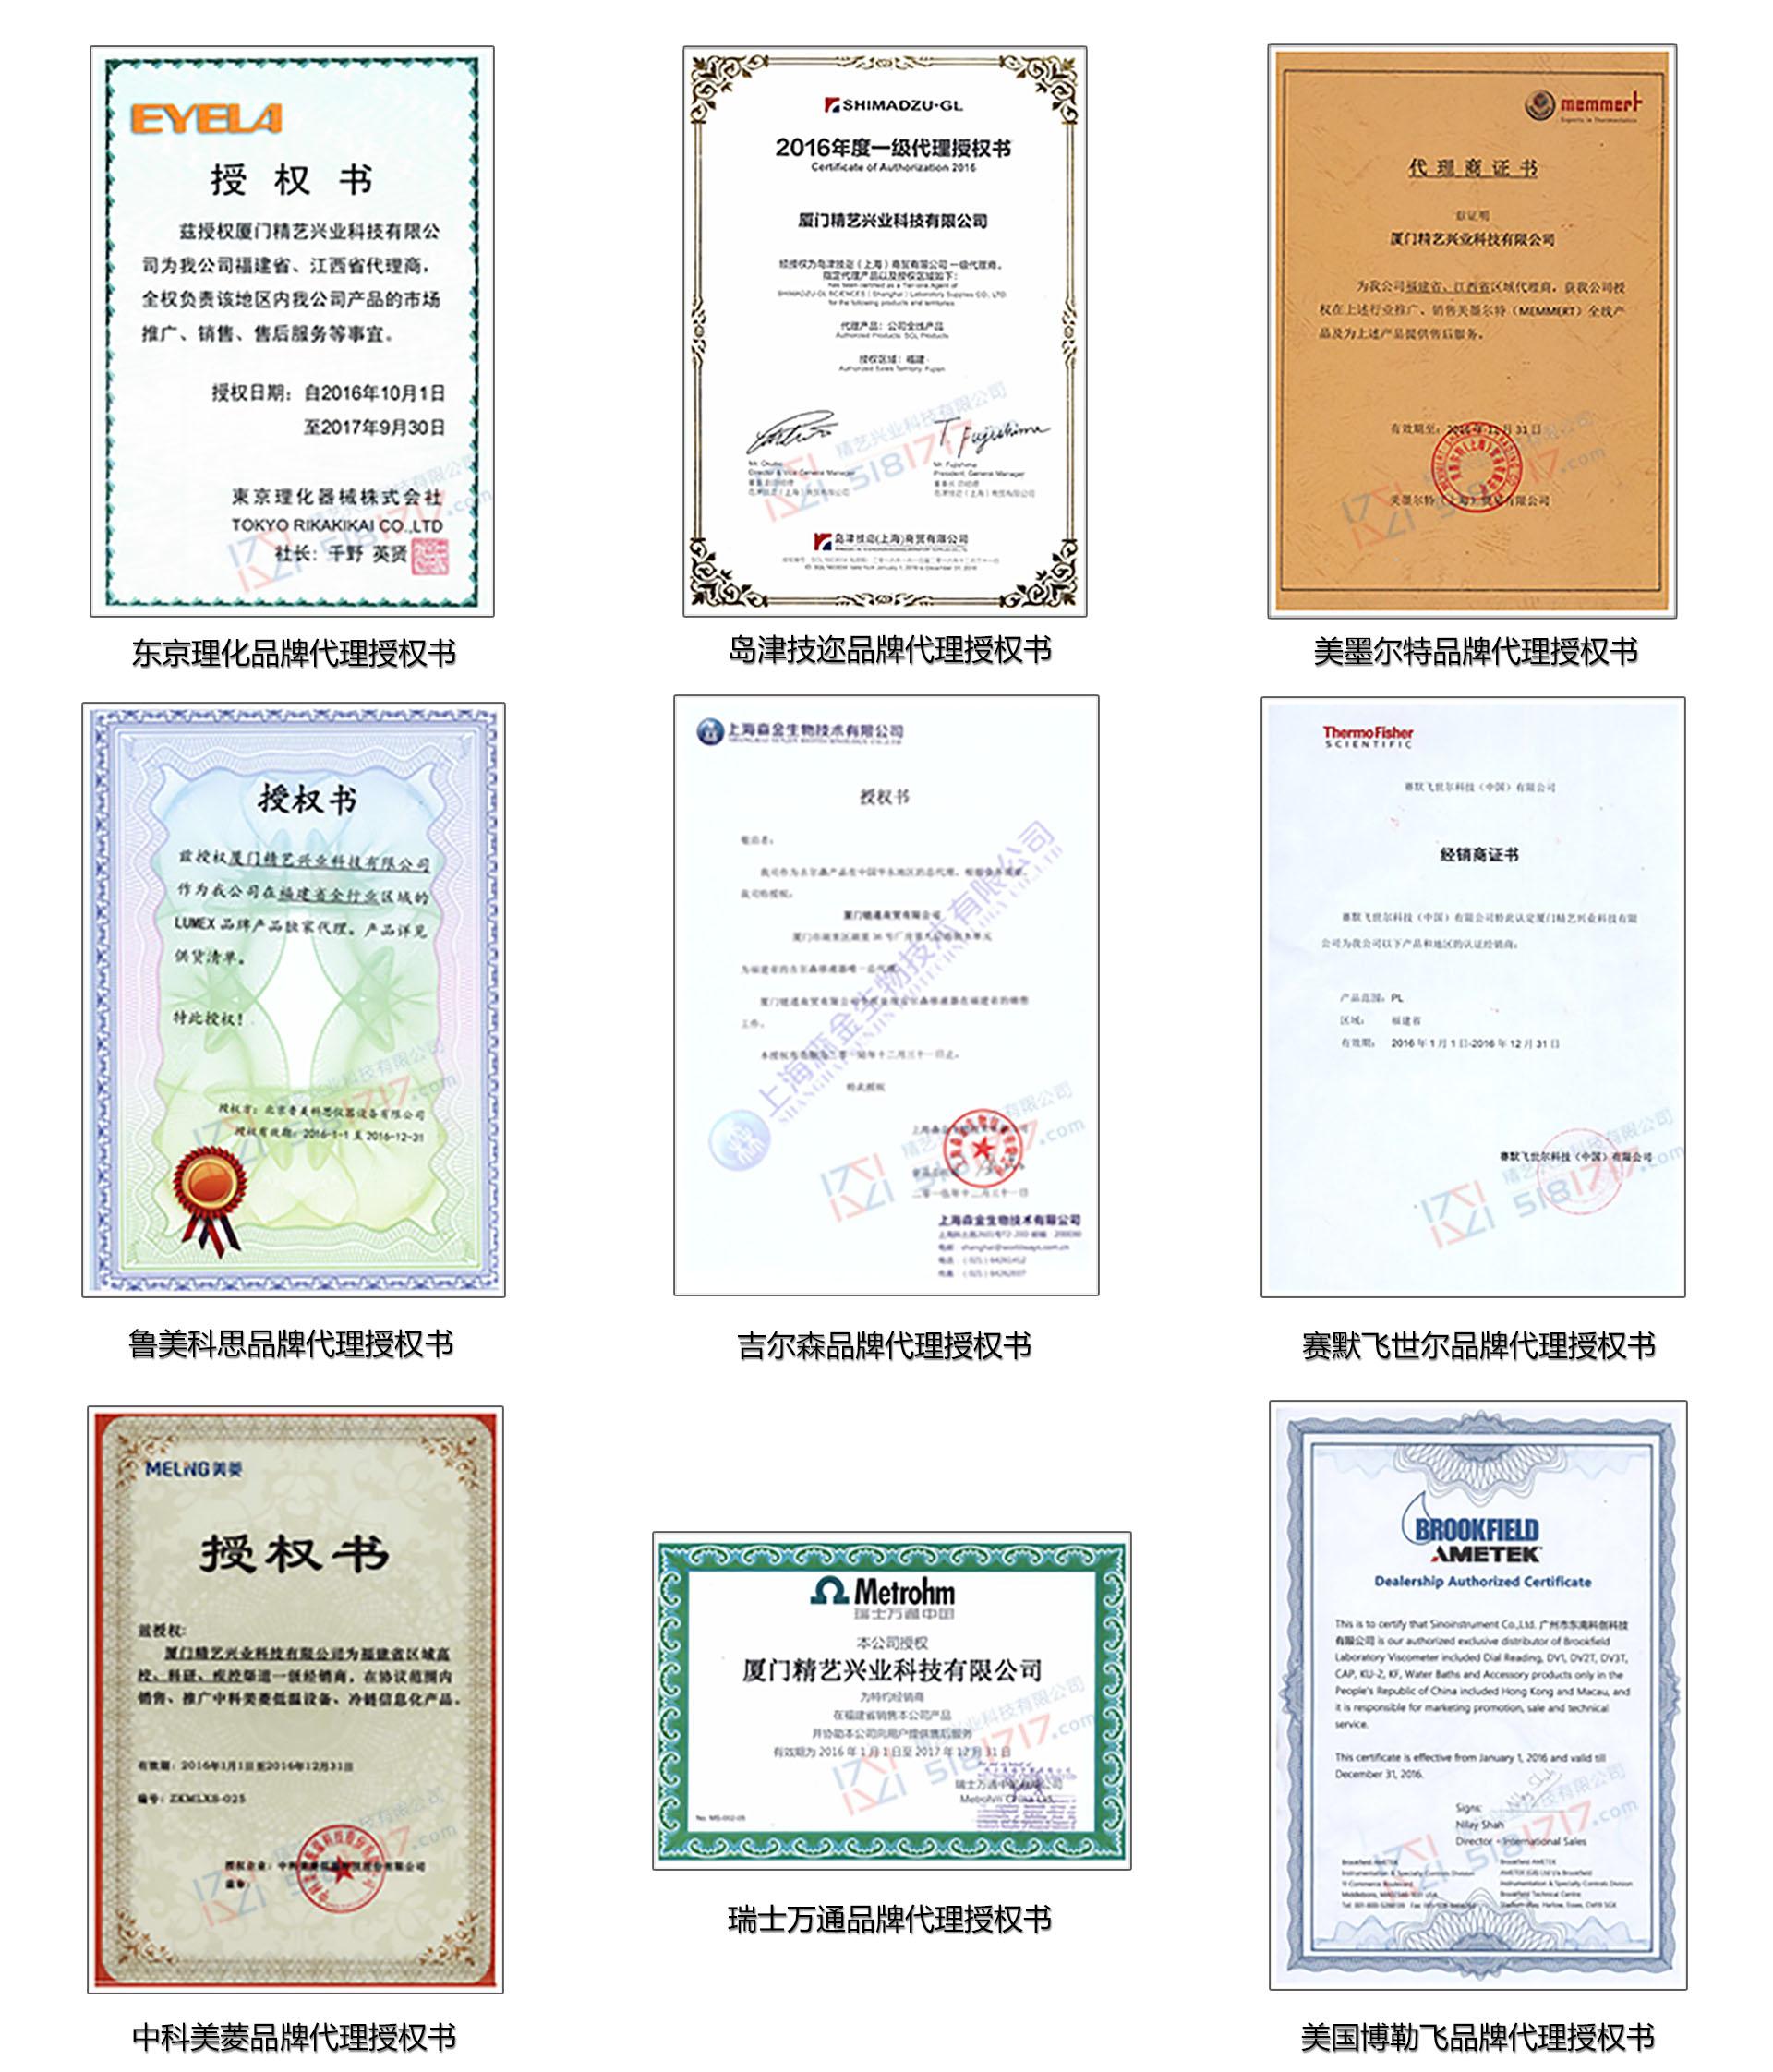 新授权证书II1920.jpg